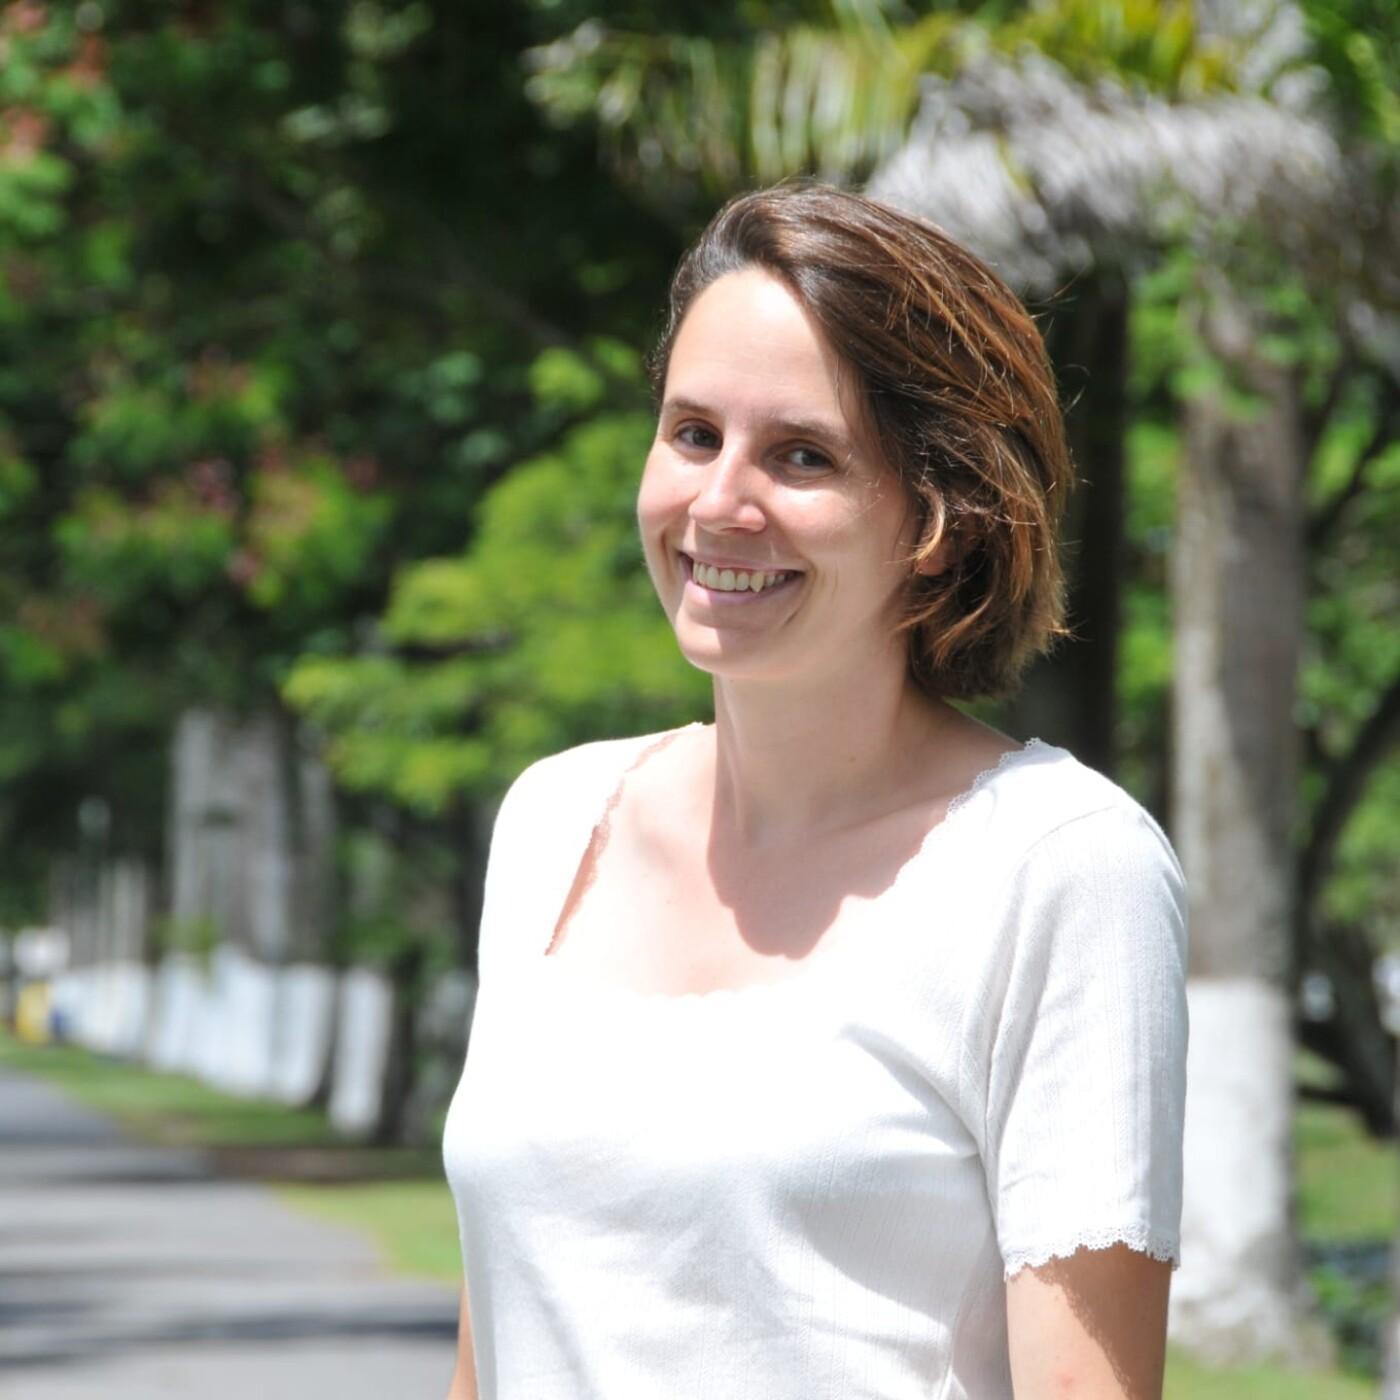 Stéphanie raconte ses premiers jours compliqués au Guyana - Amérique du Sud - 14 07 2021 - StereoChic Radio